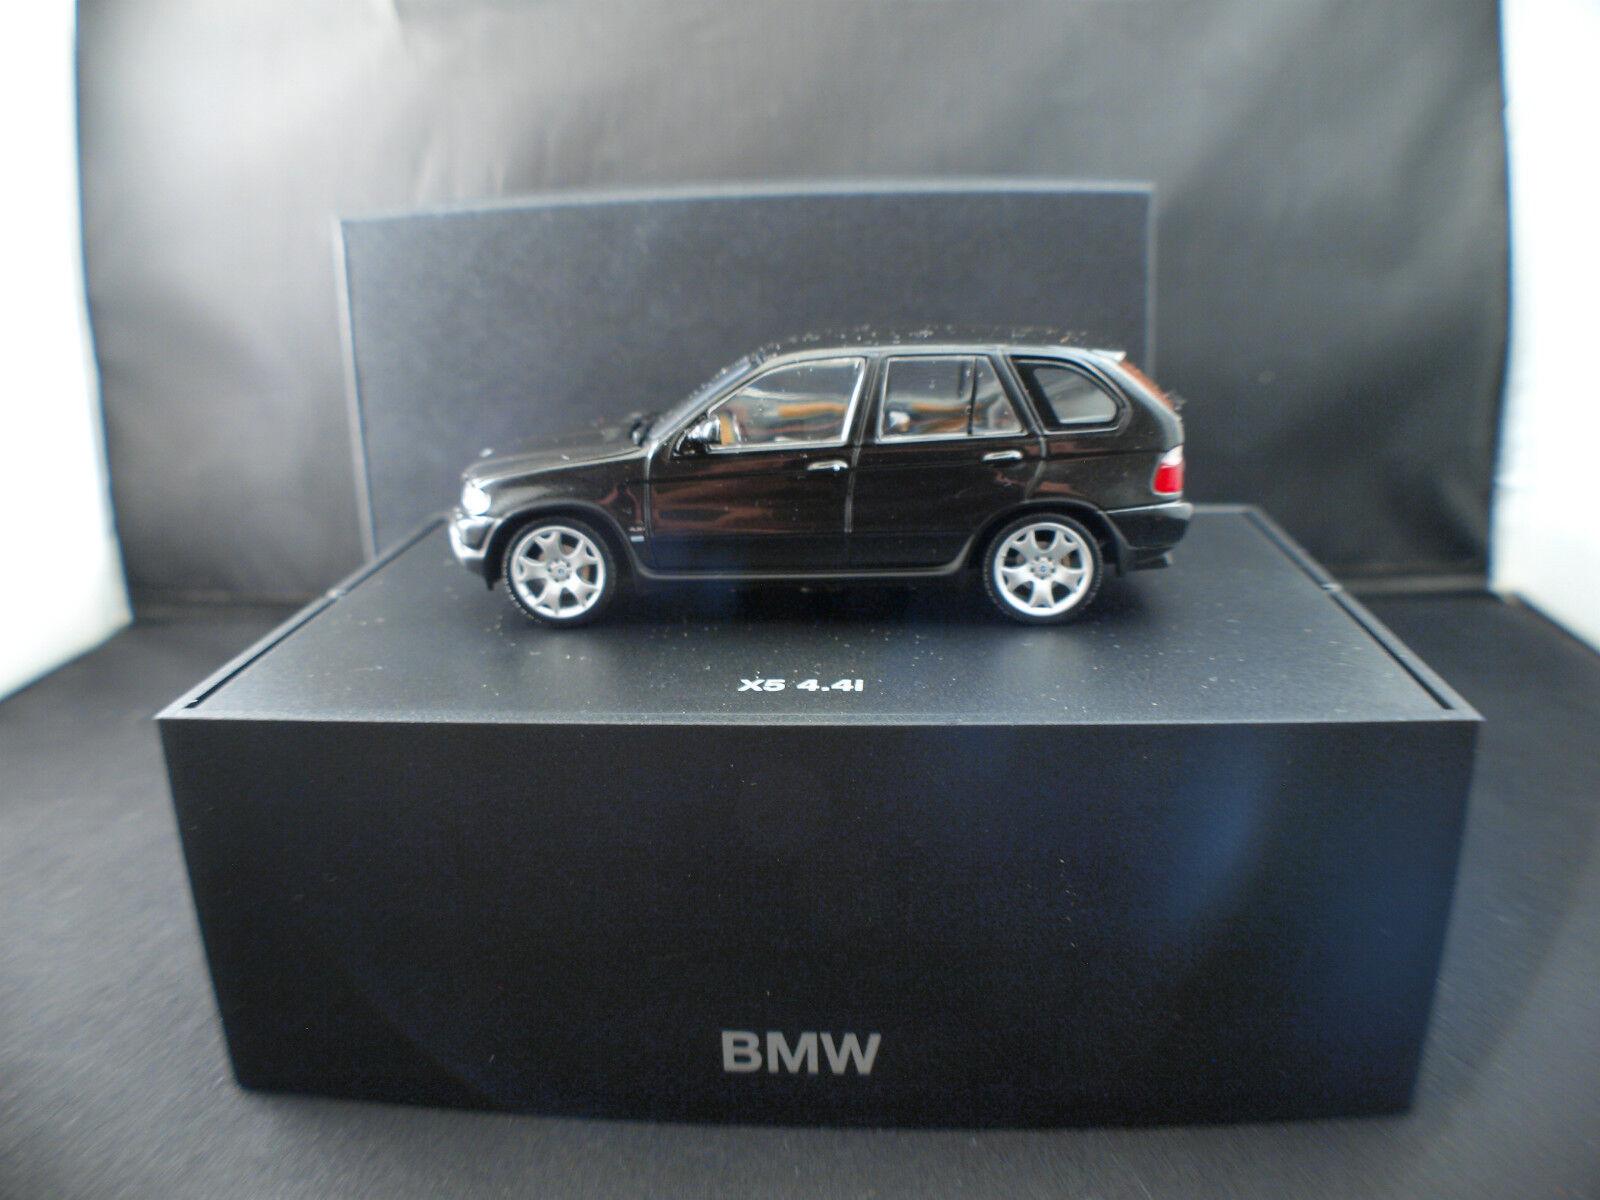 BMW X5 4.4i 1 43 neuf inbox en boîte MIB